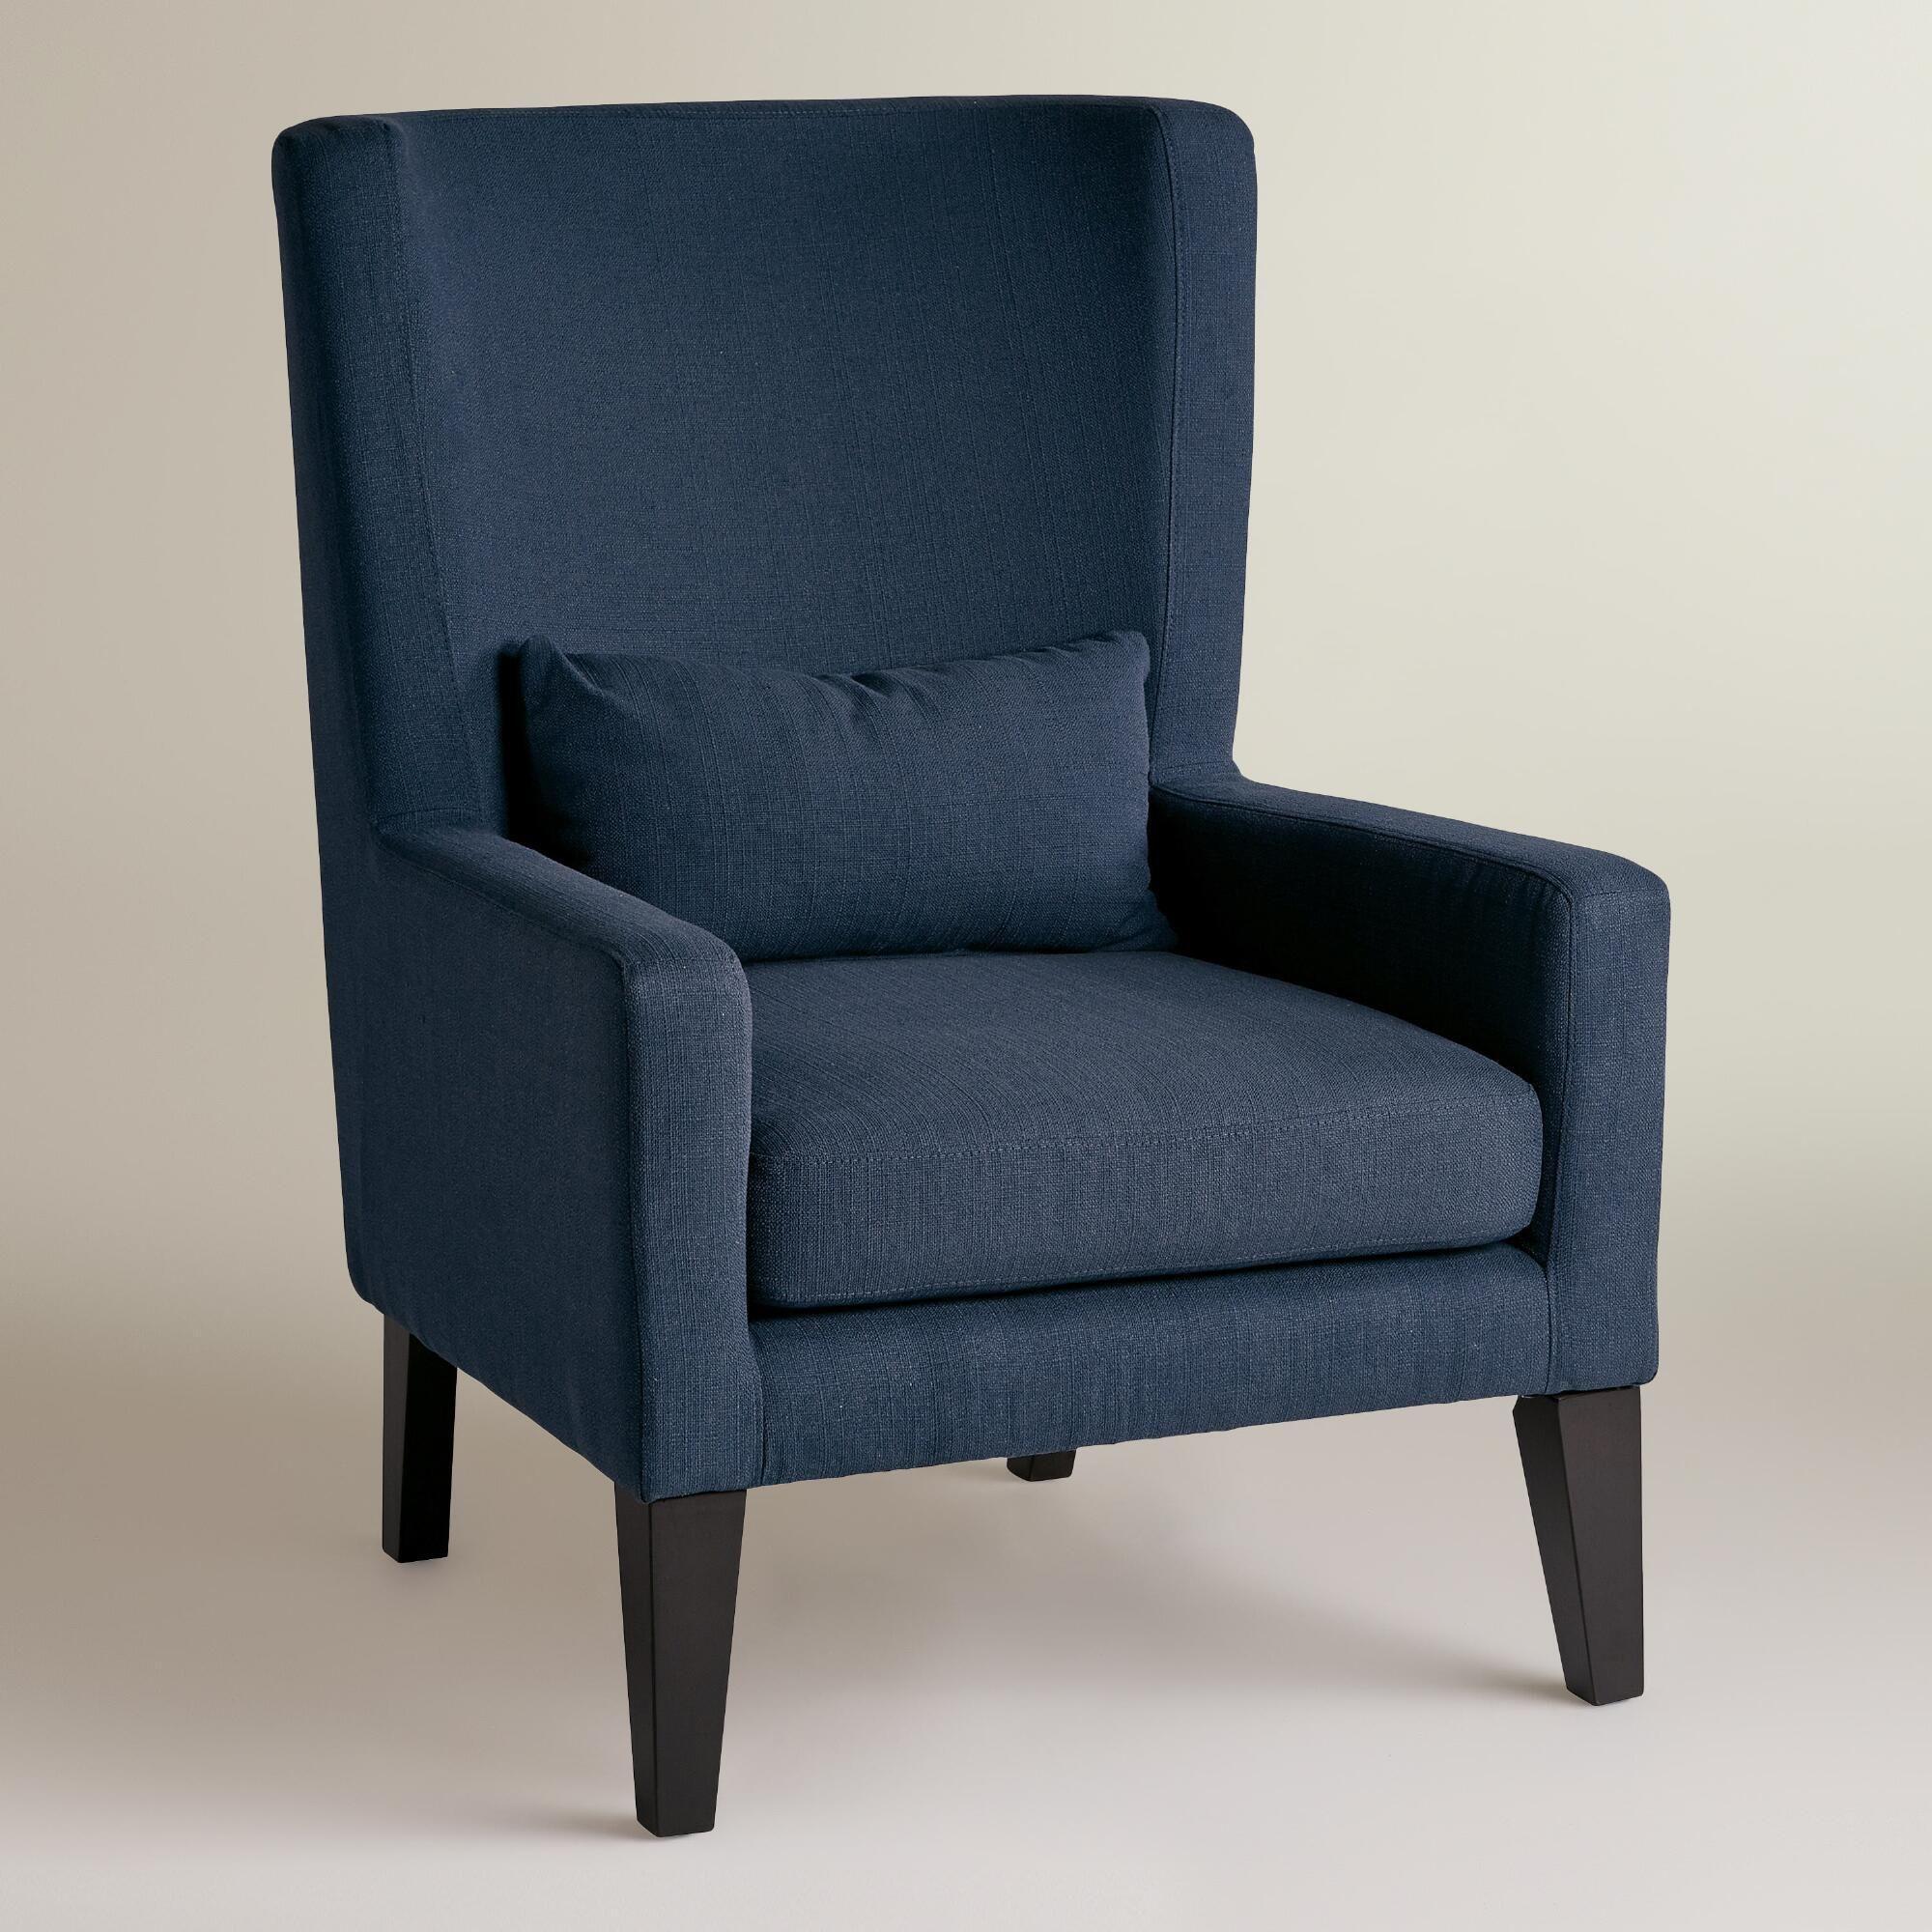 indigo blue triton high back chair  high back chairs